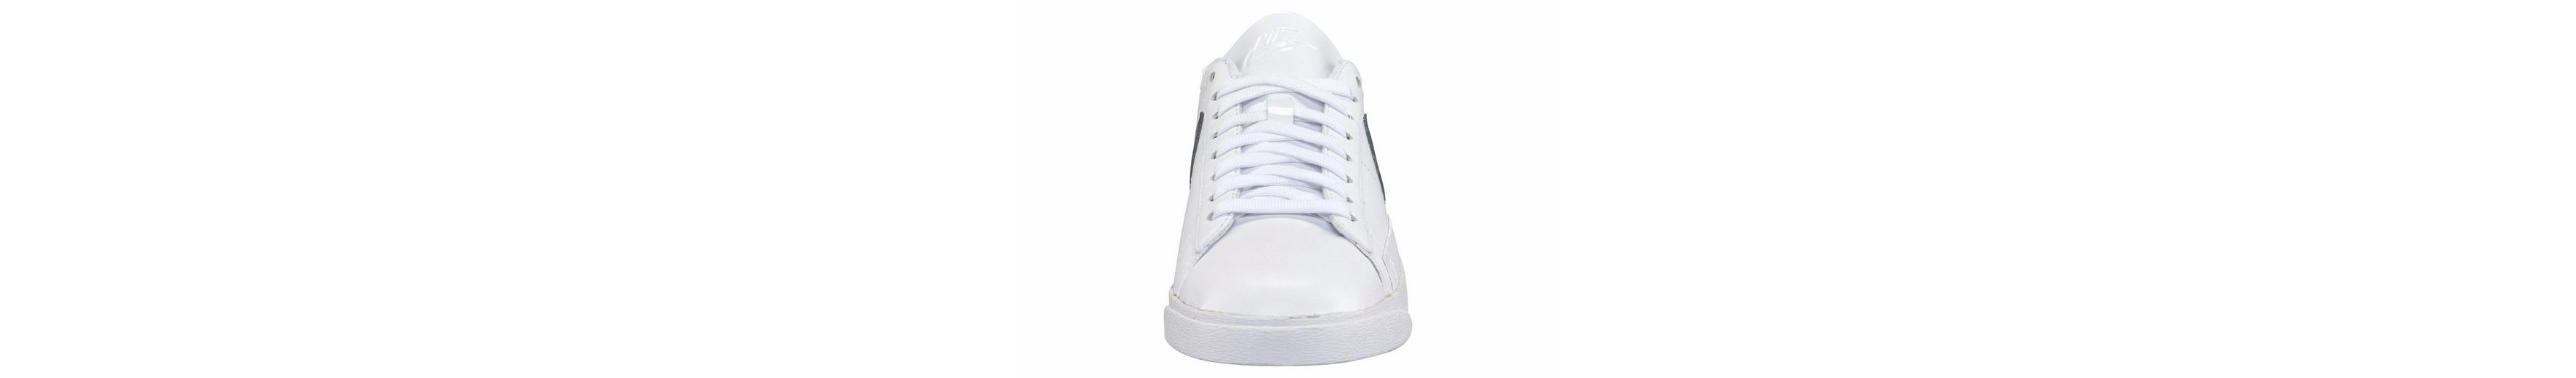 Nike Sportswear Wmns Blazer Low LE Sneaker Günstig Kaufen Neueste Ebay Zum Verkauf Eastbay Zum Verkauf HKmRm1P